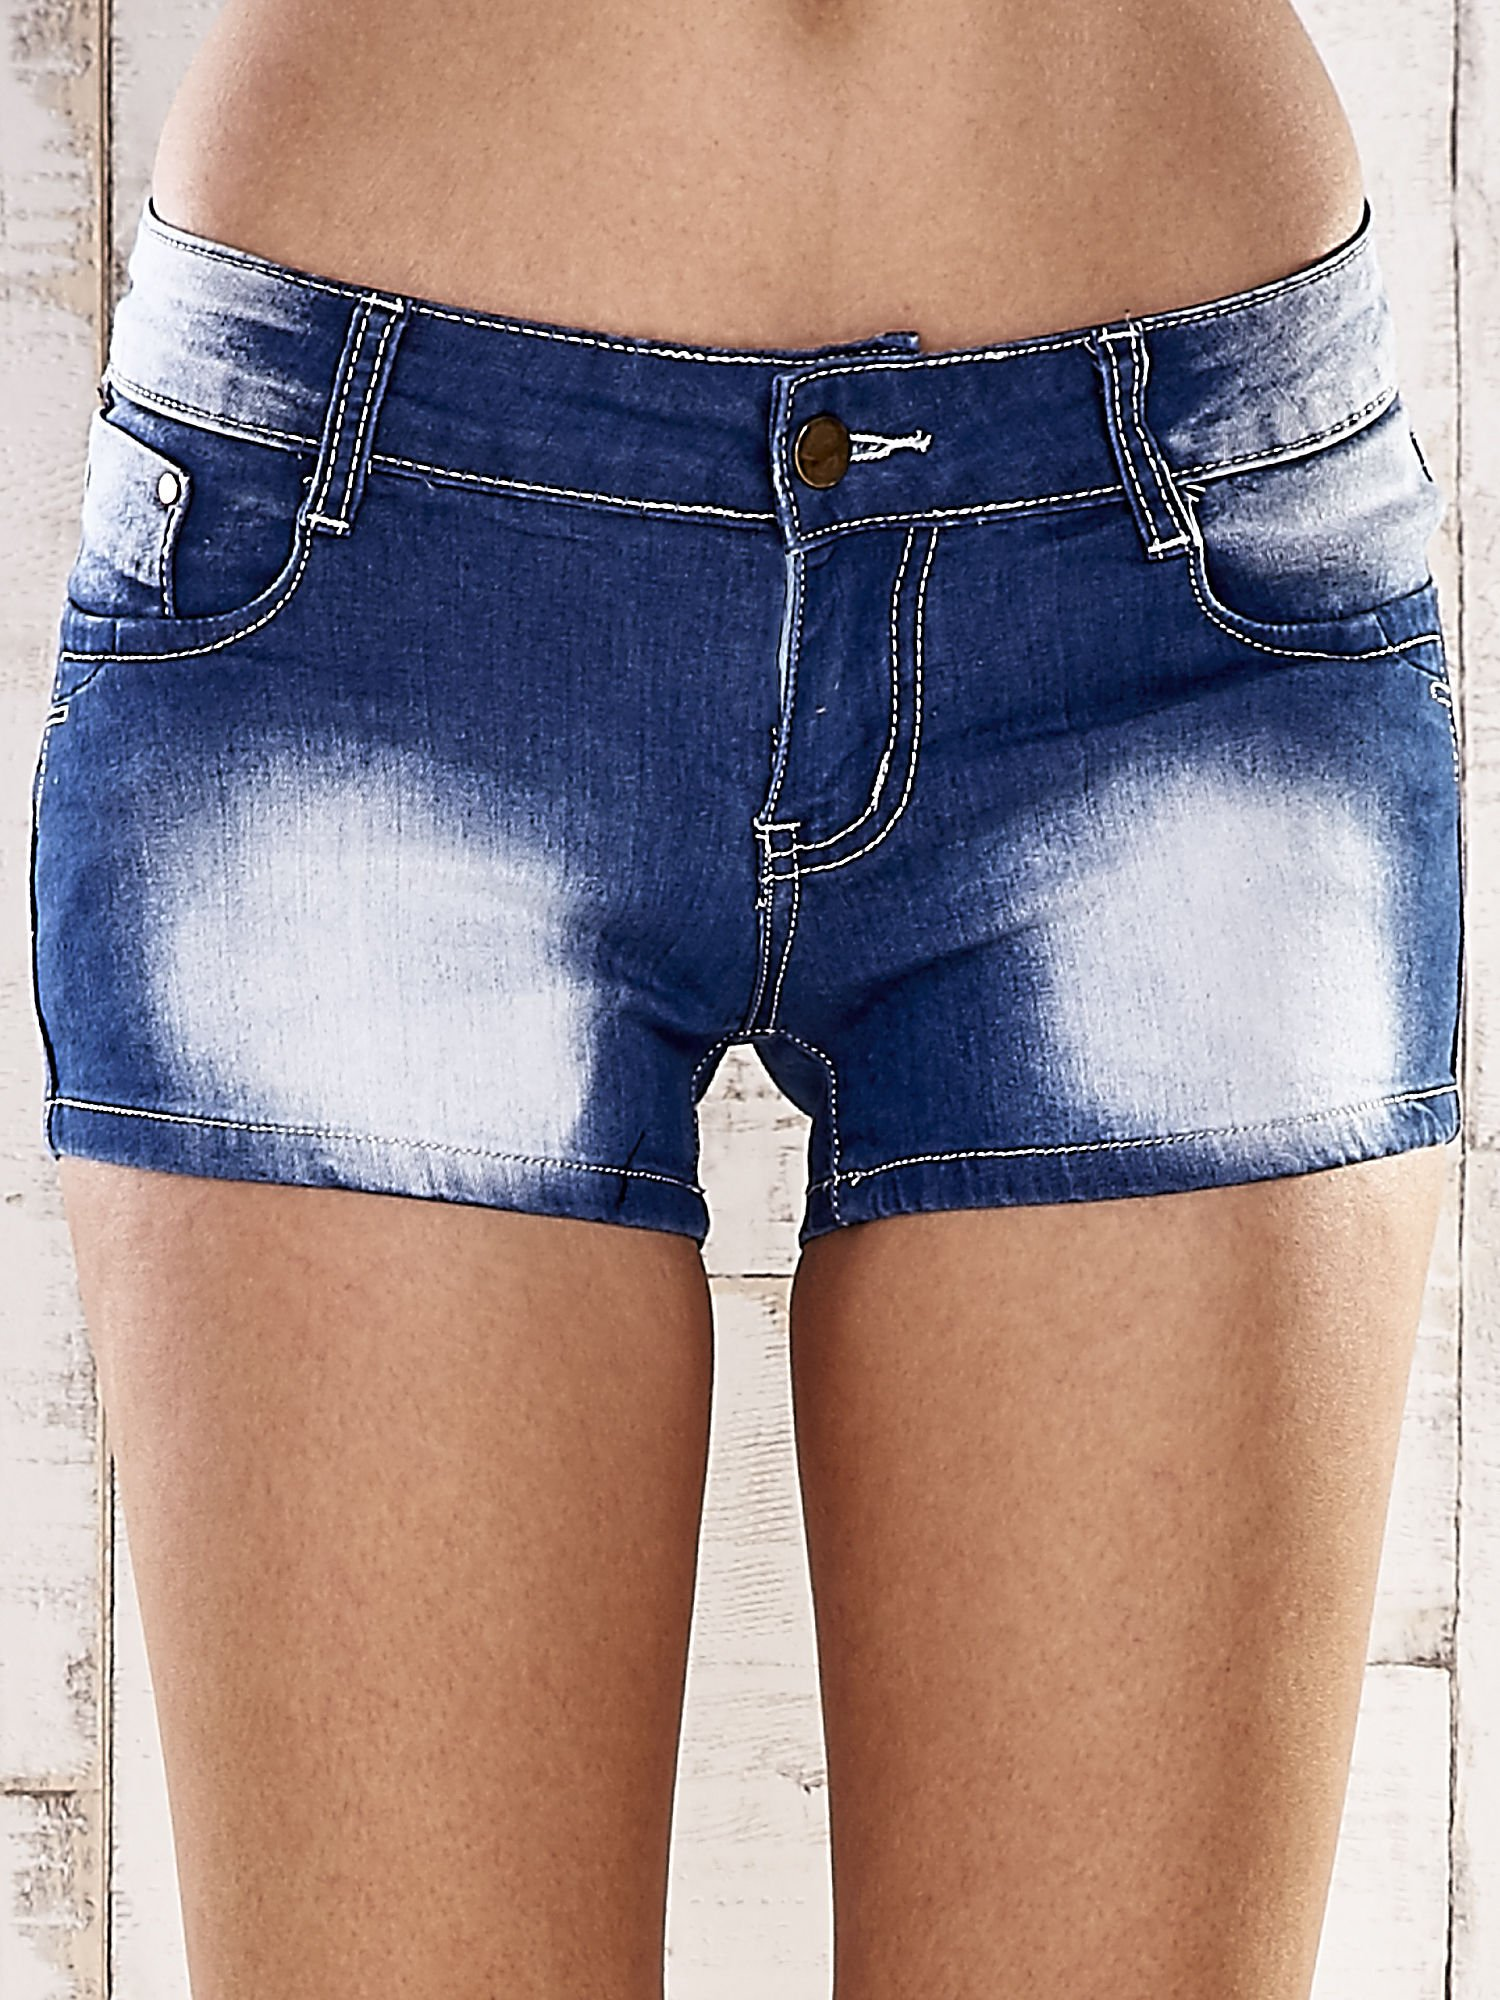 Niebieskie szorty jeansowe z kokardami na kieszeniach                                  zdj.                                  1